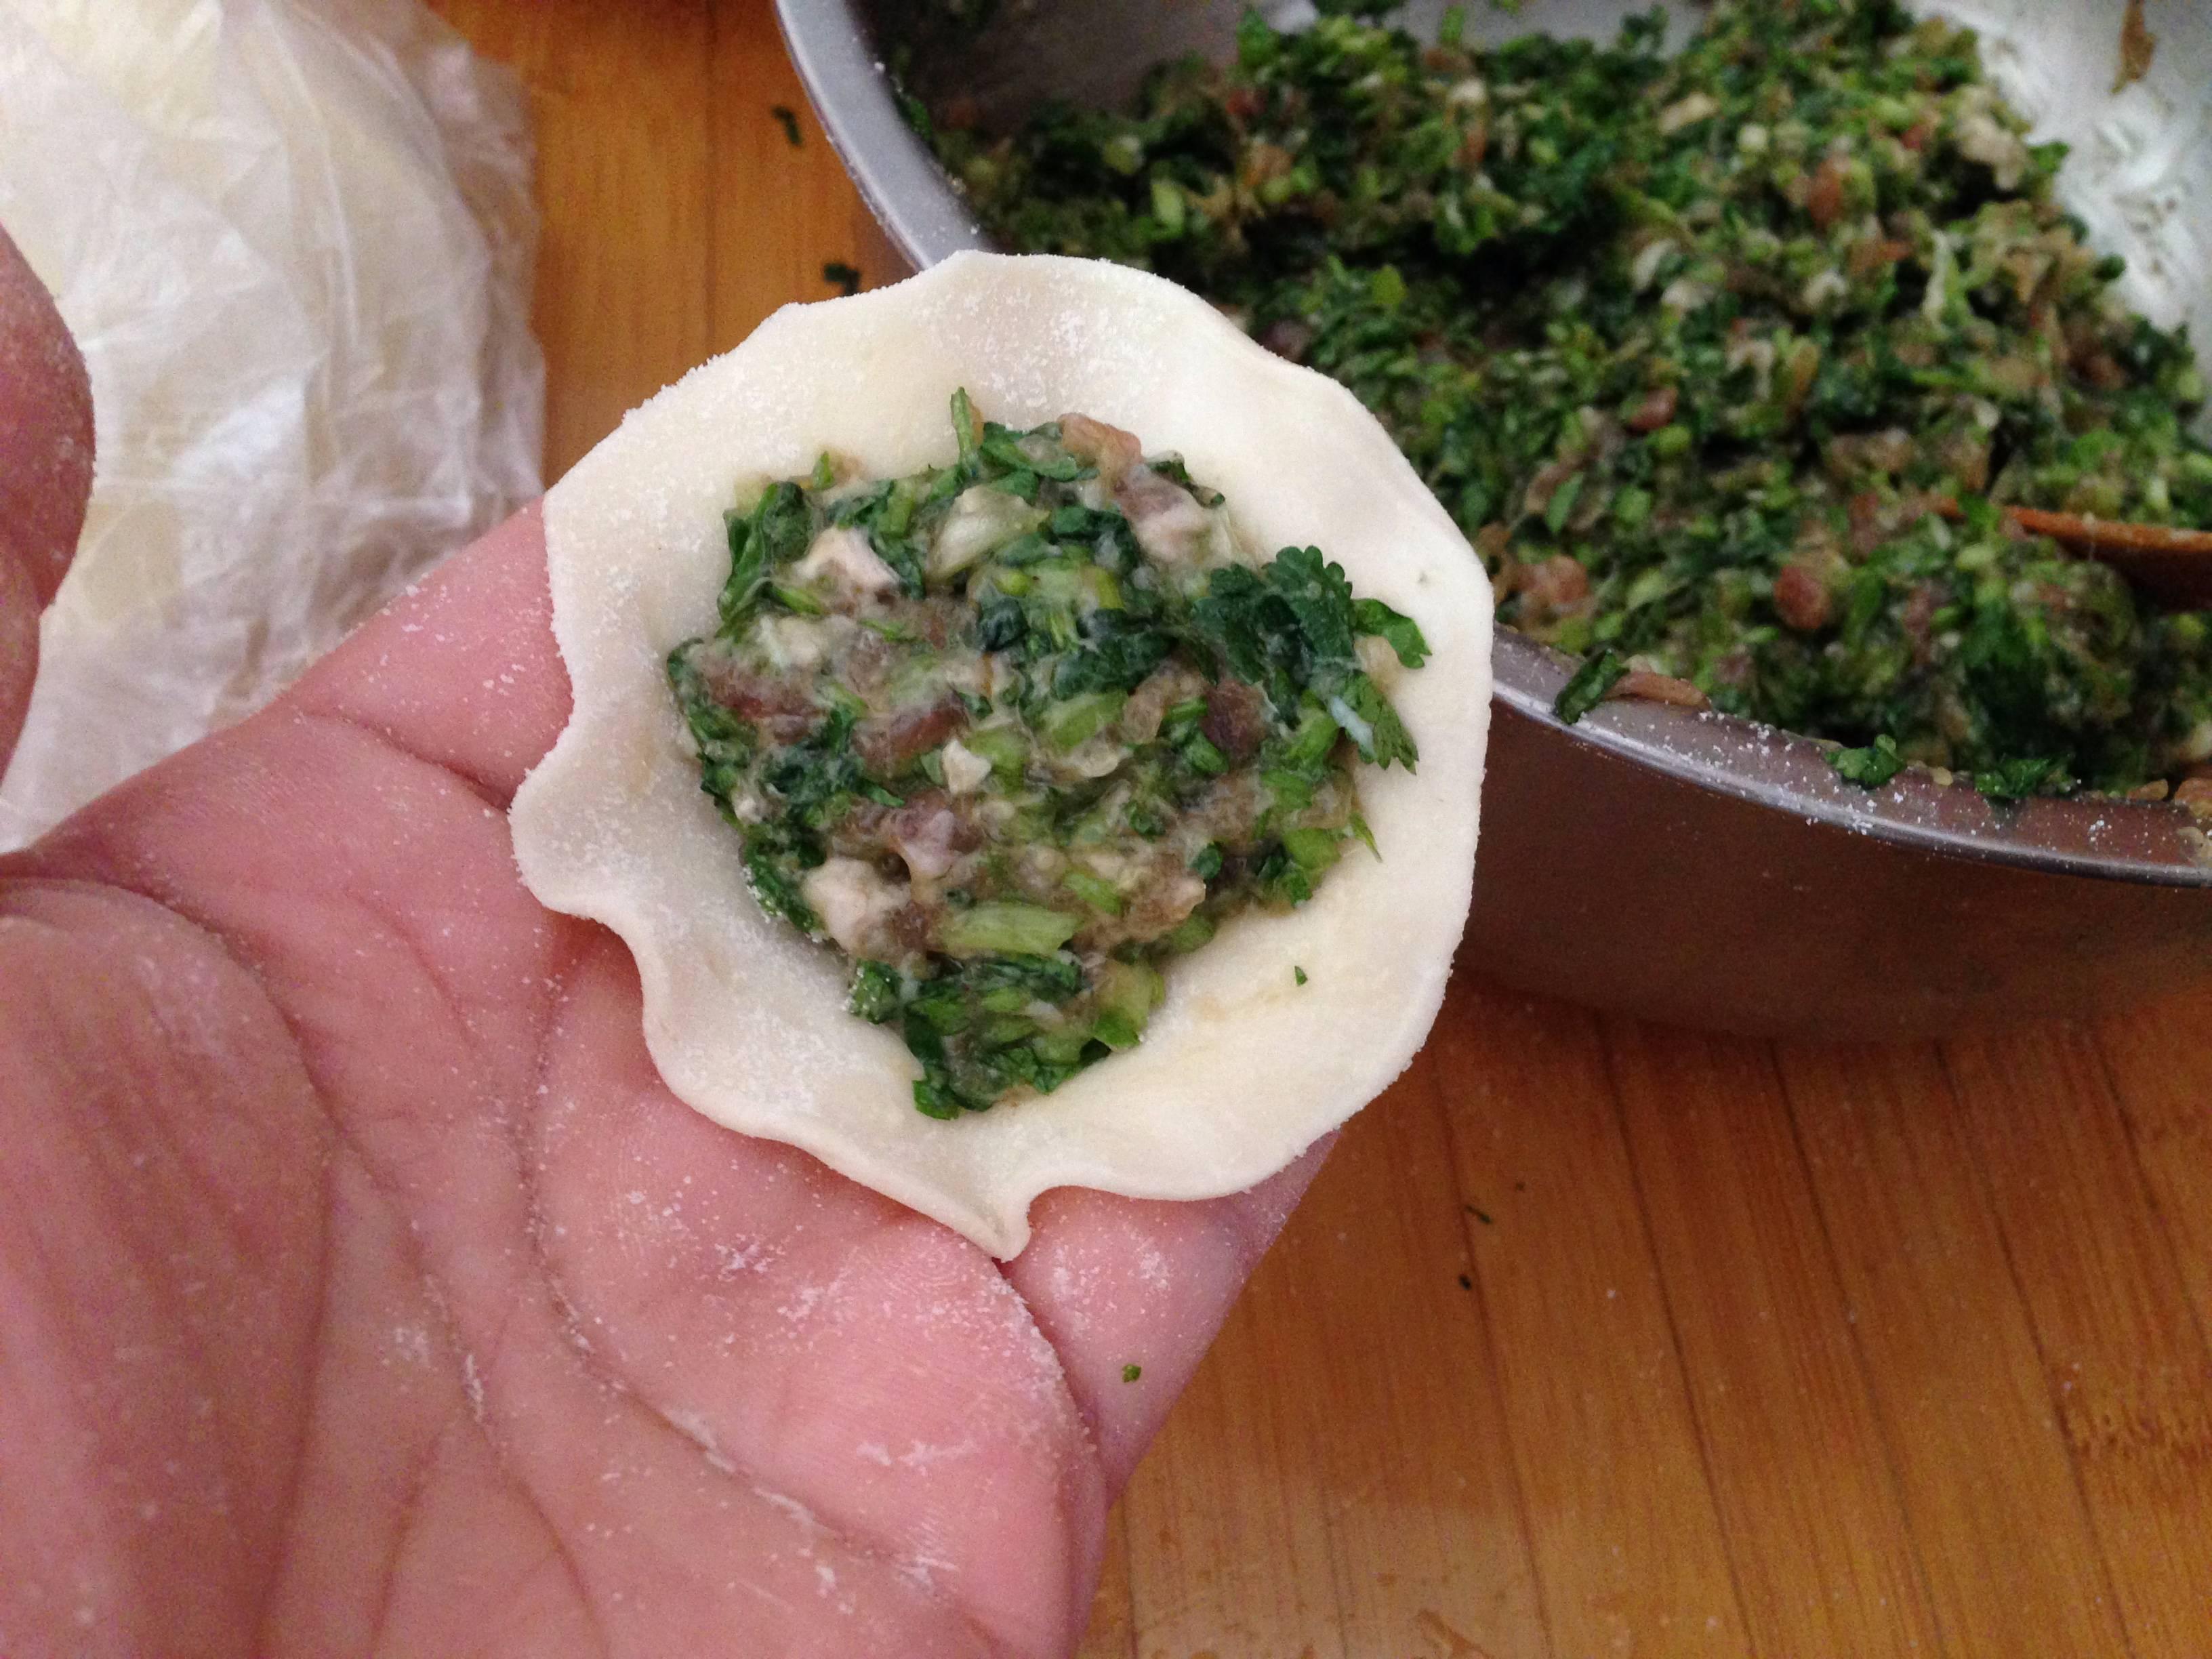 香菜抱蛋饺,</p> <p>取饺子皮一个,填入适量馅,饺子皮可以自己擀,也可以买现成的